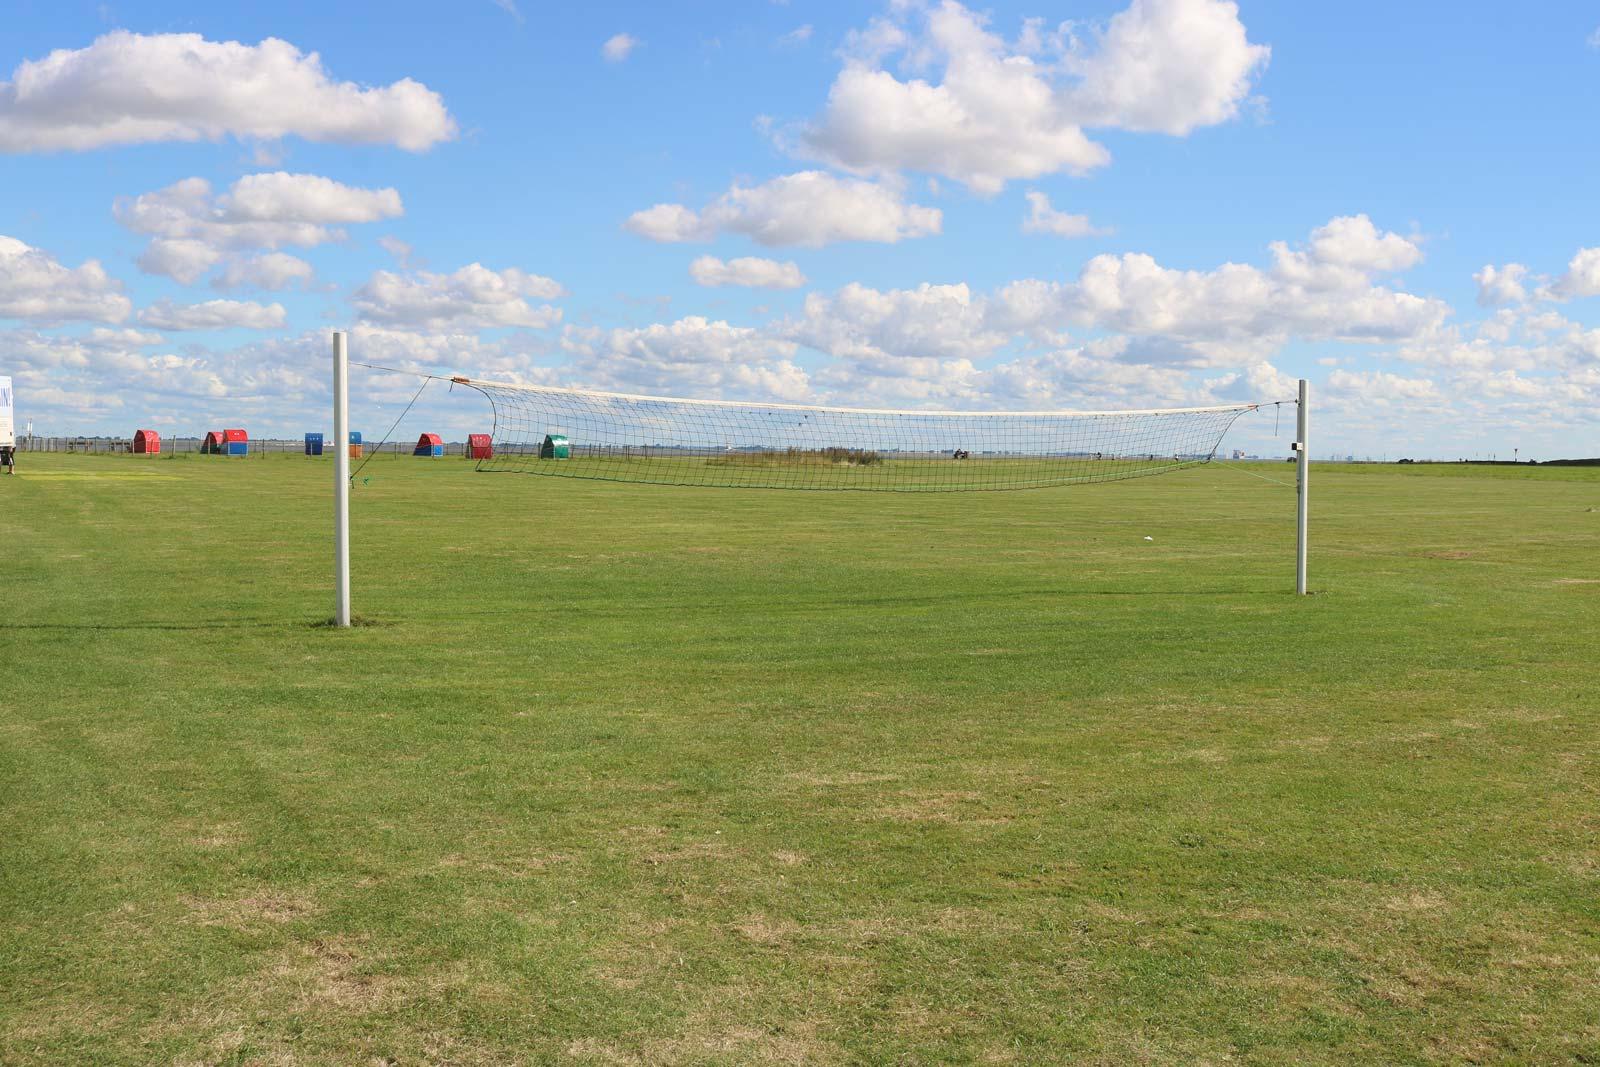 Volleyballfeld am Deich von Otterndorf